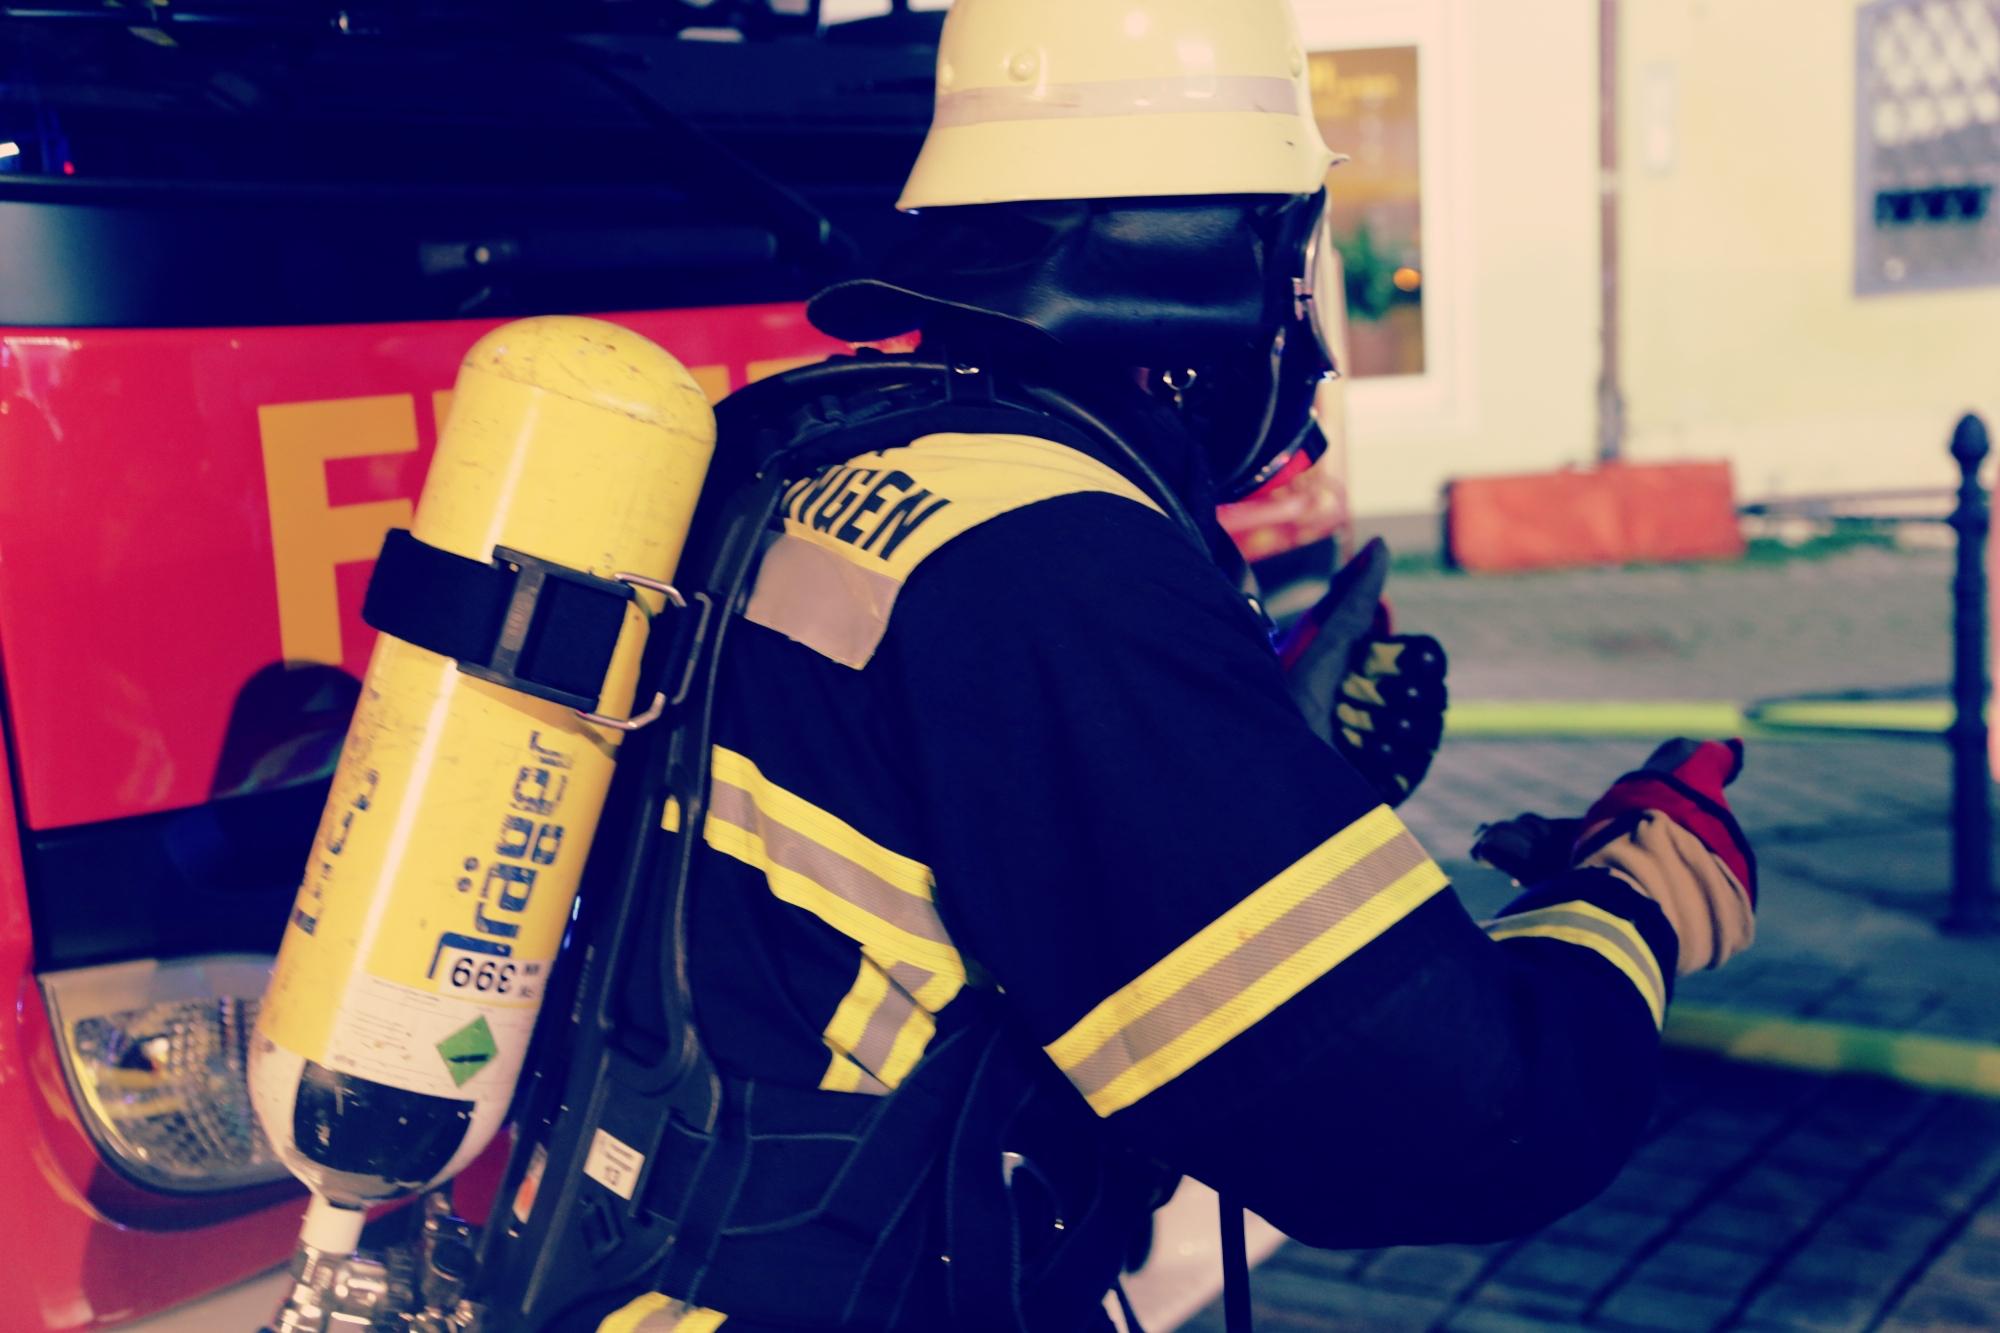 2019-09-27_Memmingen_Schrannenplatz_Hasen_Feuerwehr_Uebung_Zug5_Benningen_MemmingerbergIMG_6404